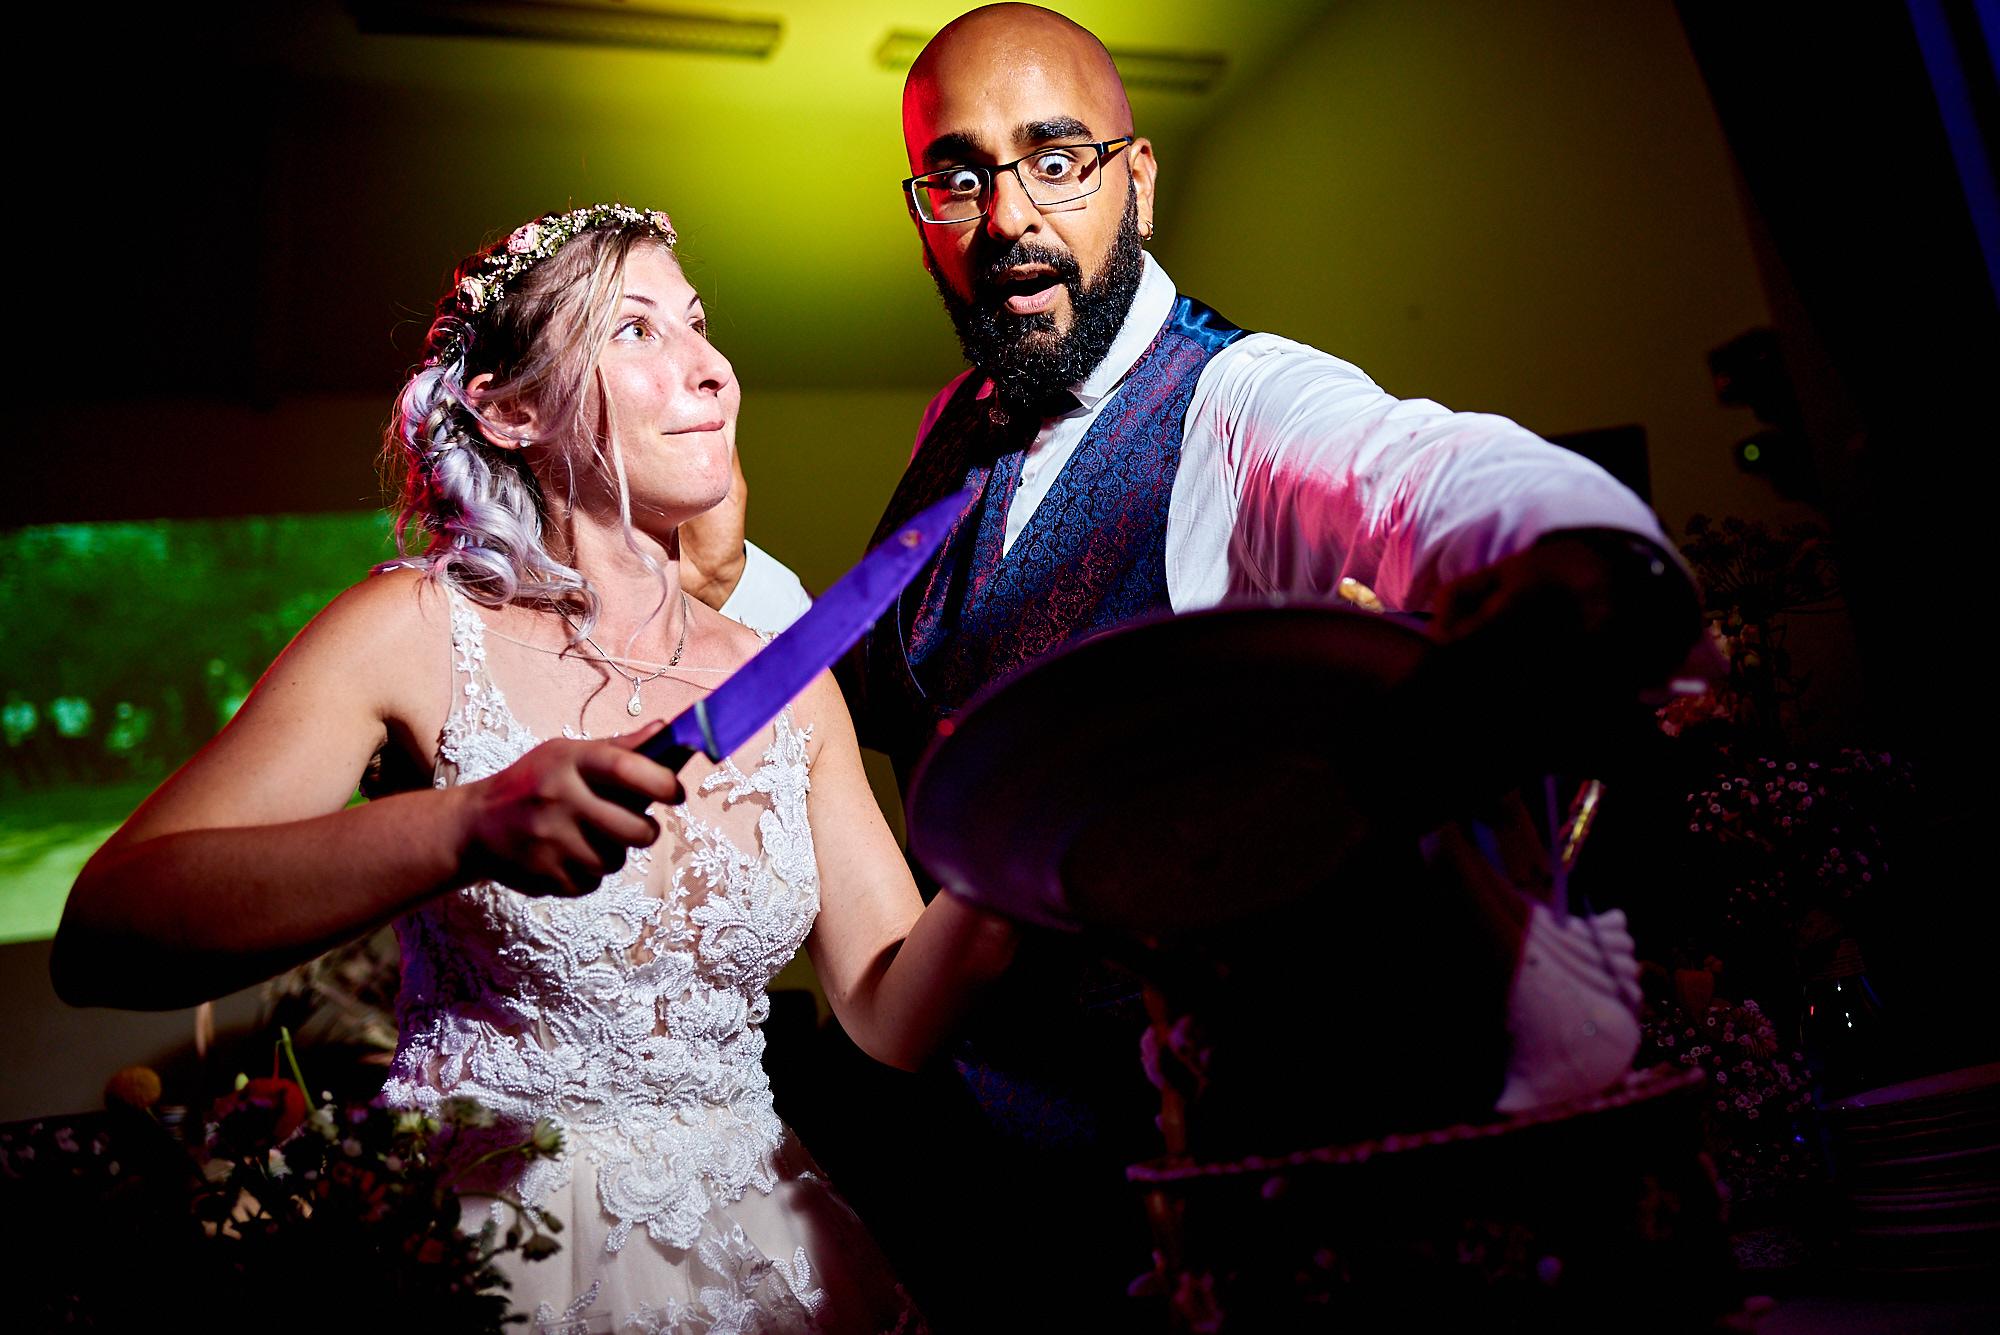 Photographe de mariage à Auxerre en Bourgogne-Franche-Comté | la pièce montée et les mariés